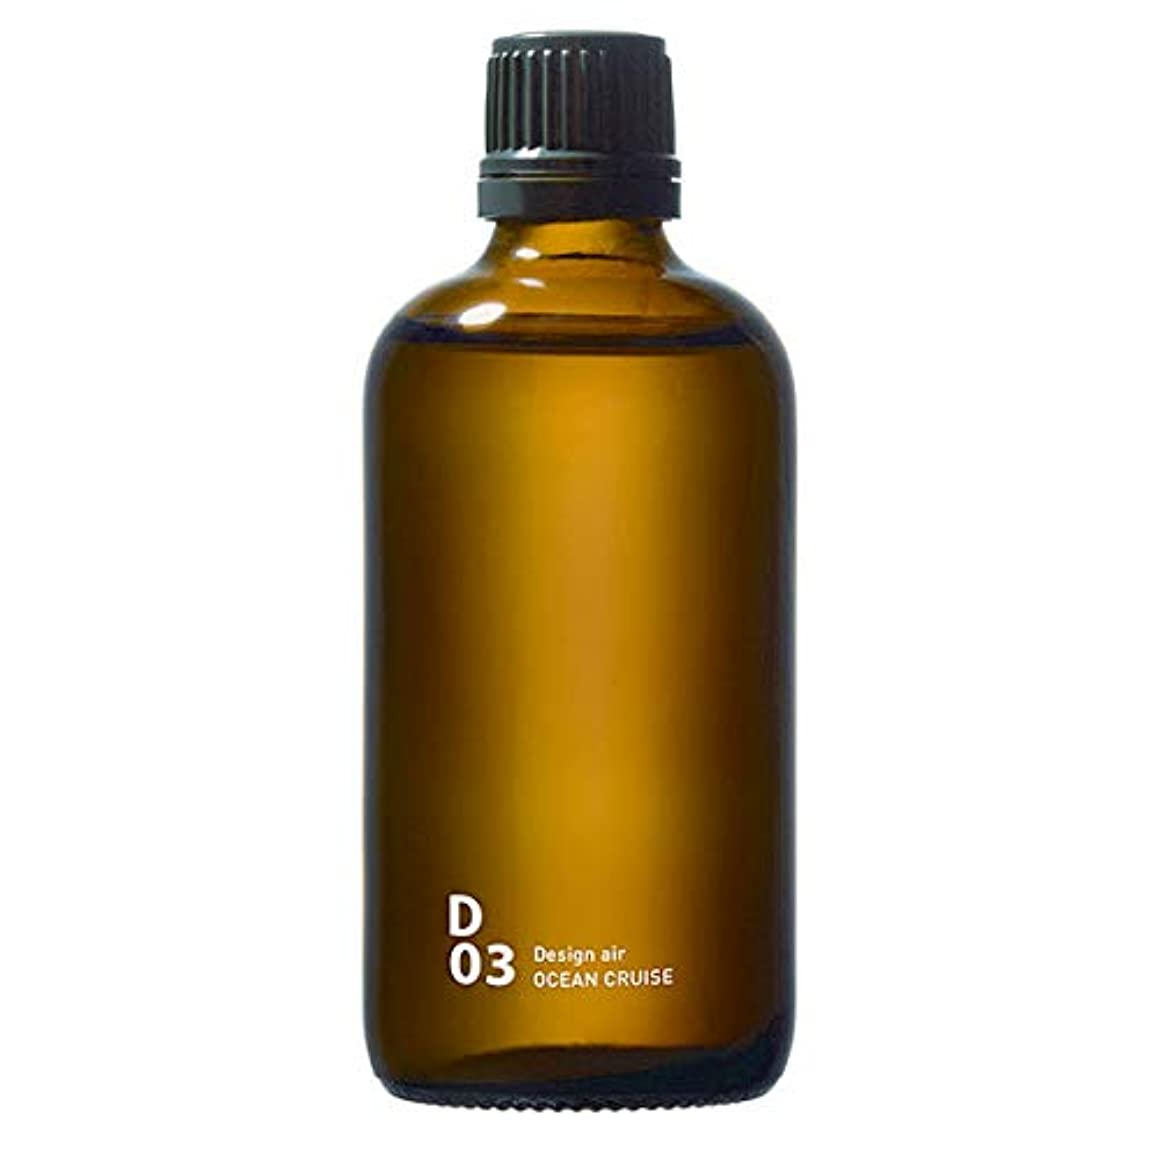 十億パラメータ足音D03 OCEAN CRUISE piezo aroma oil 100ml